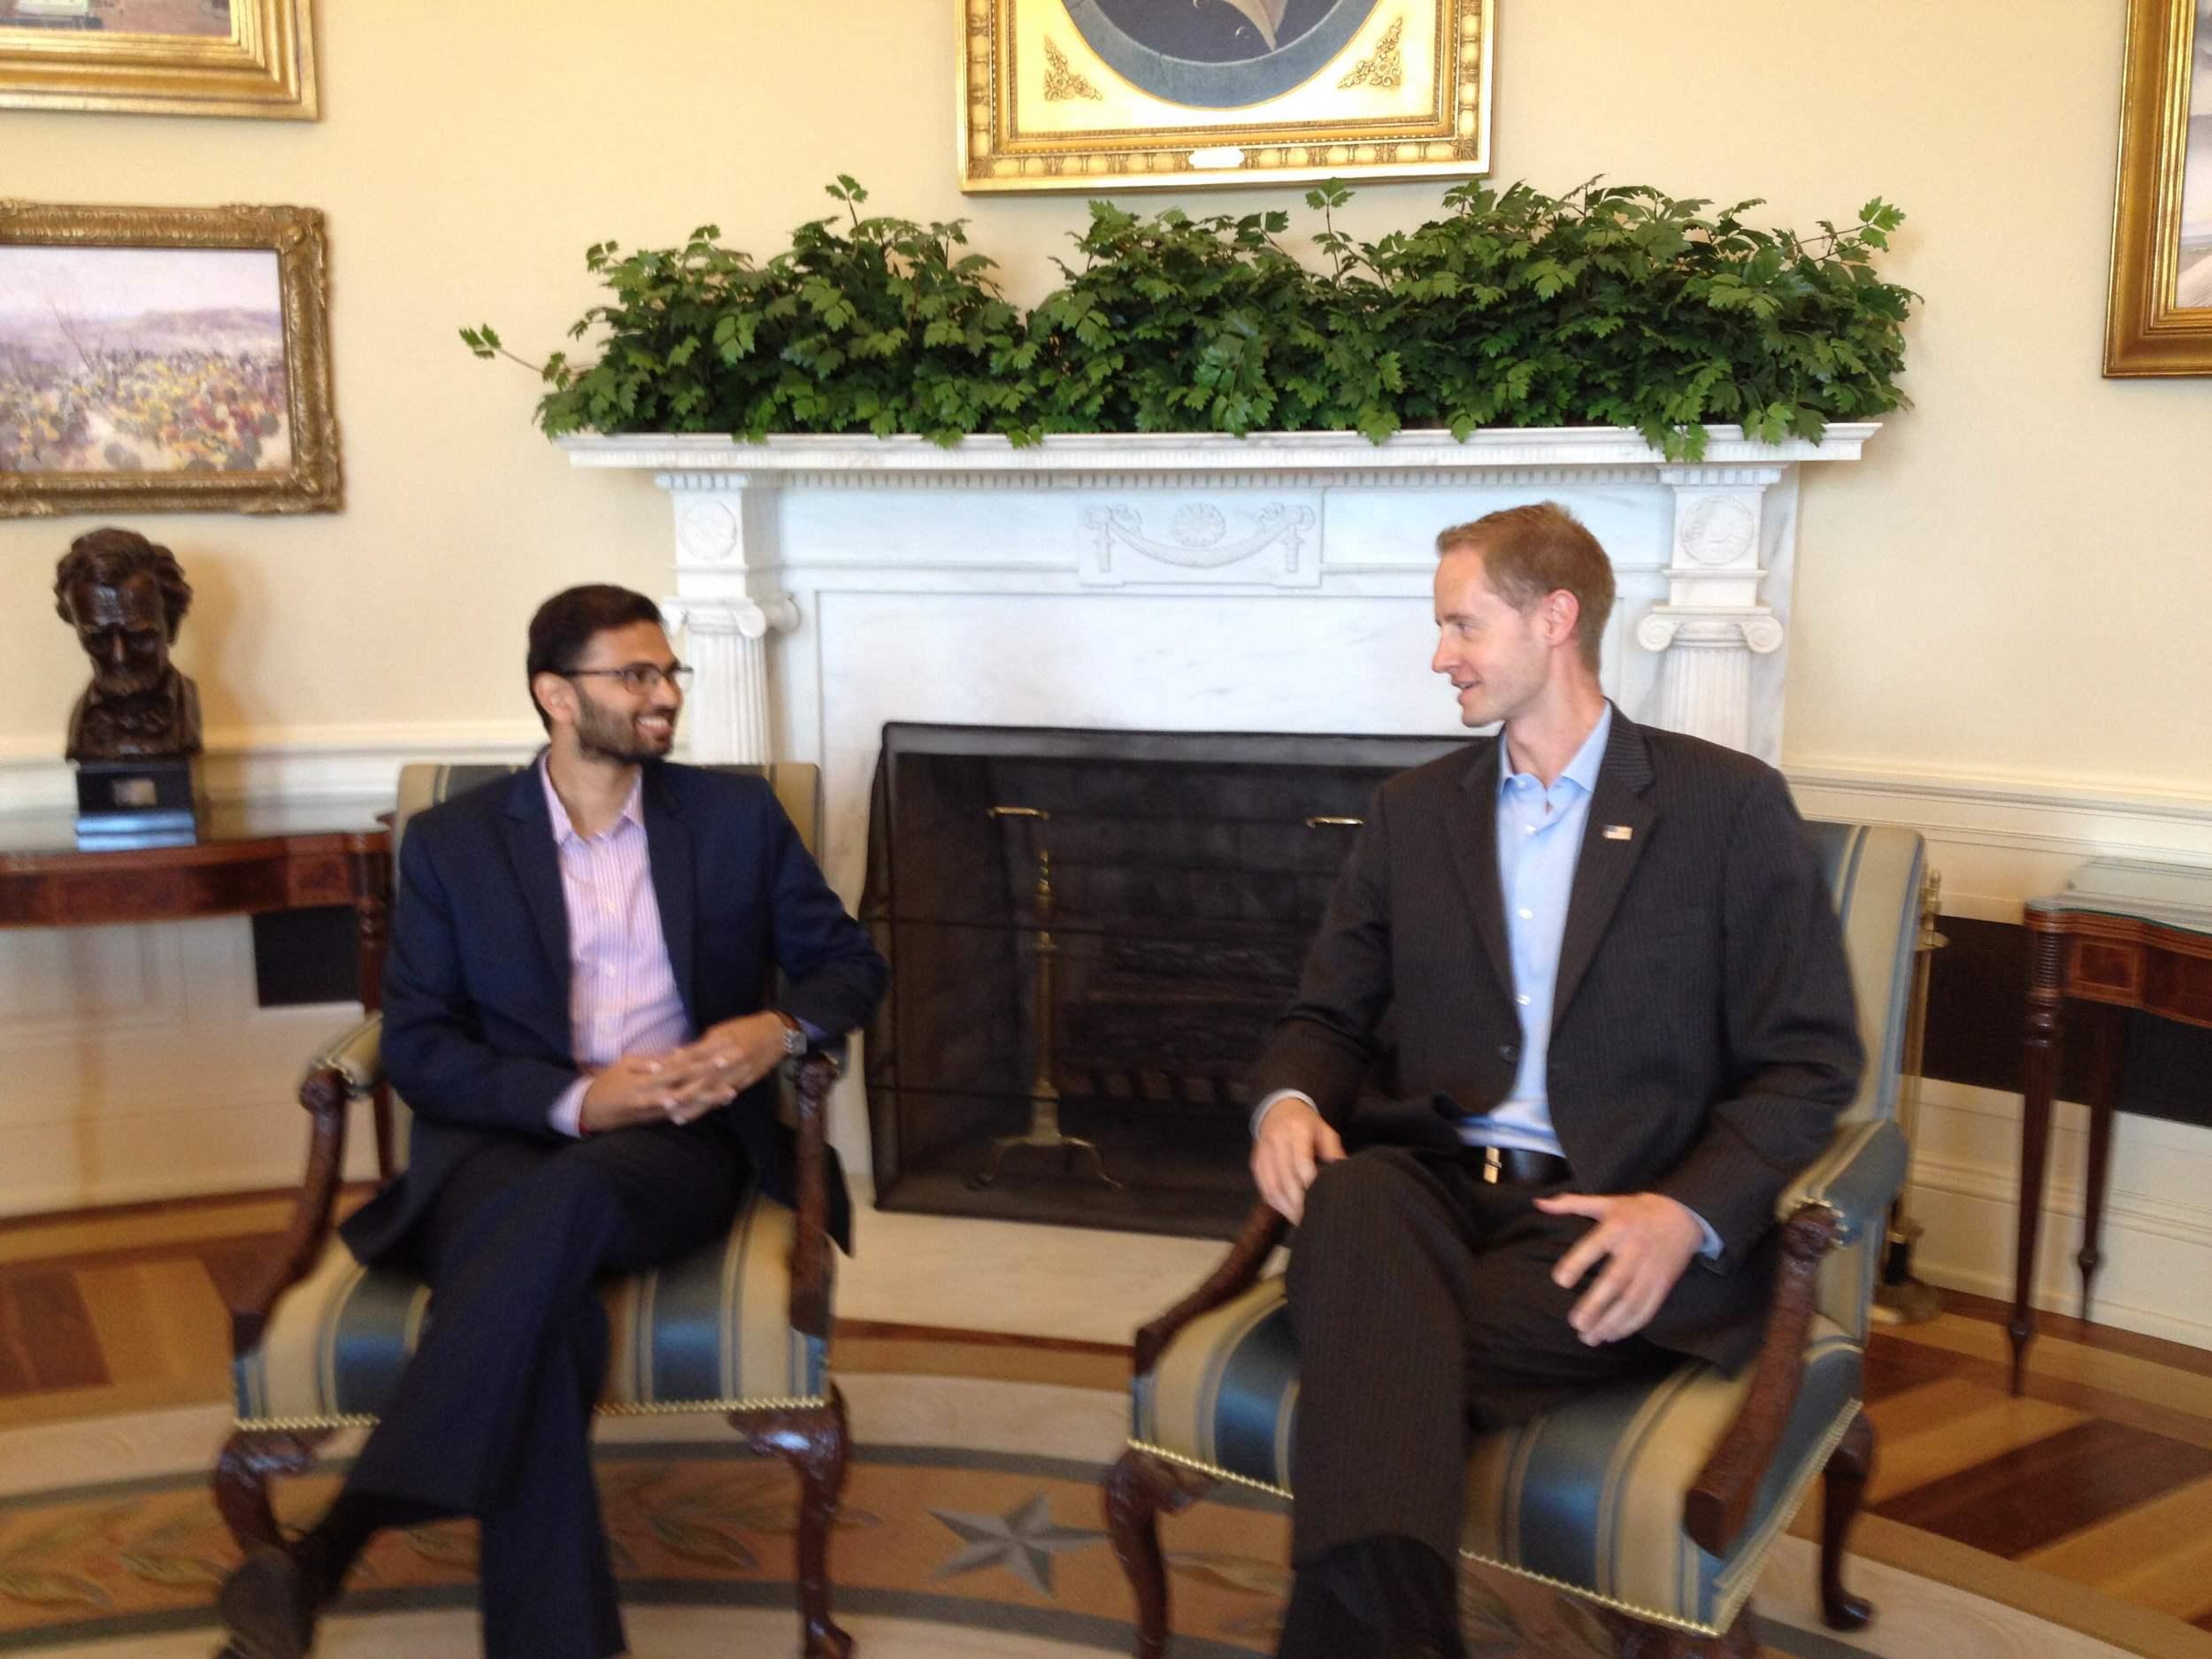 Desai in Oval Office.JPG